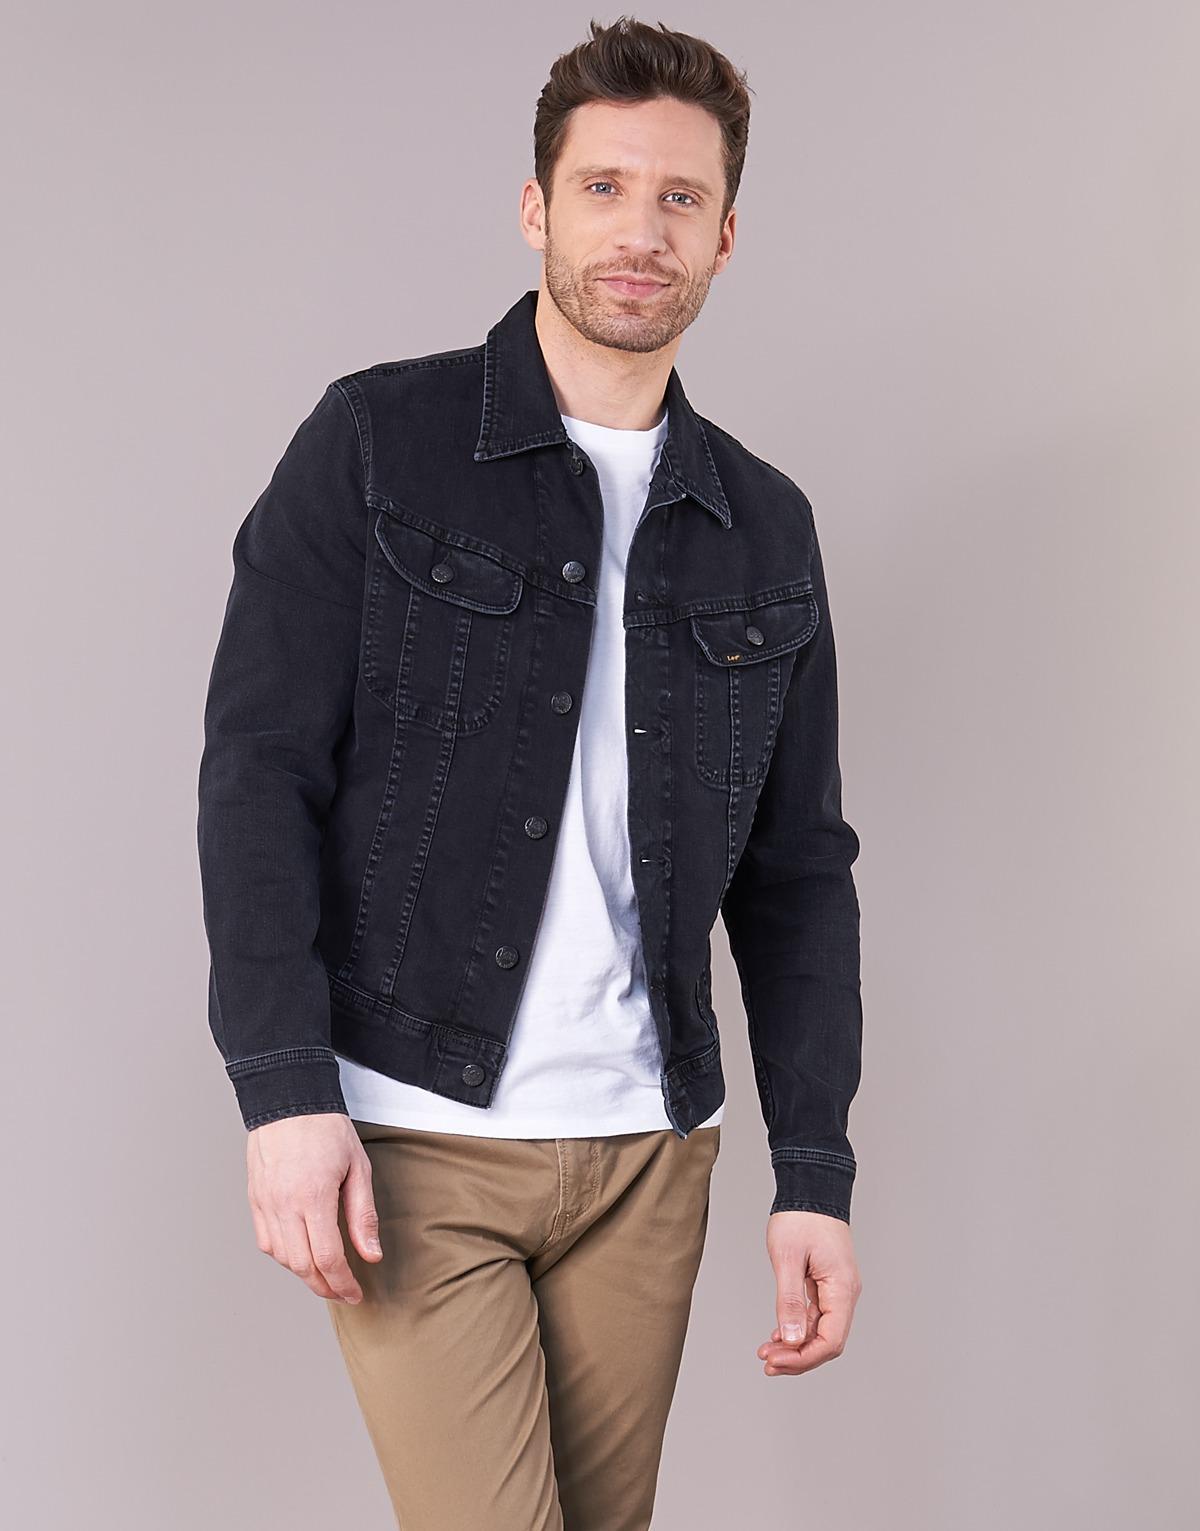 Lee Jeans Slim Rider Denim Jacket in Black for Men - Save 14%